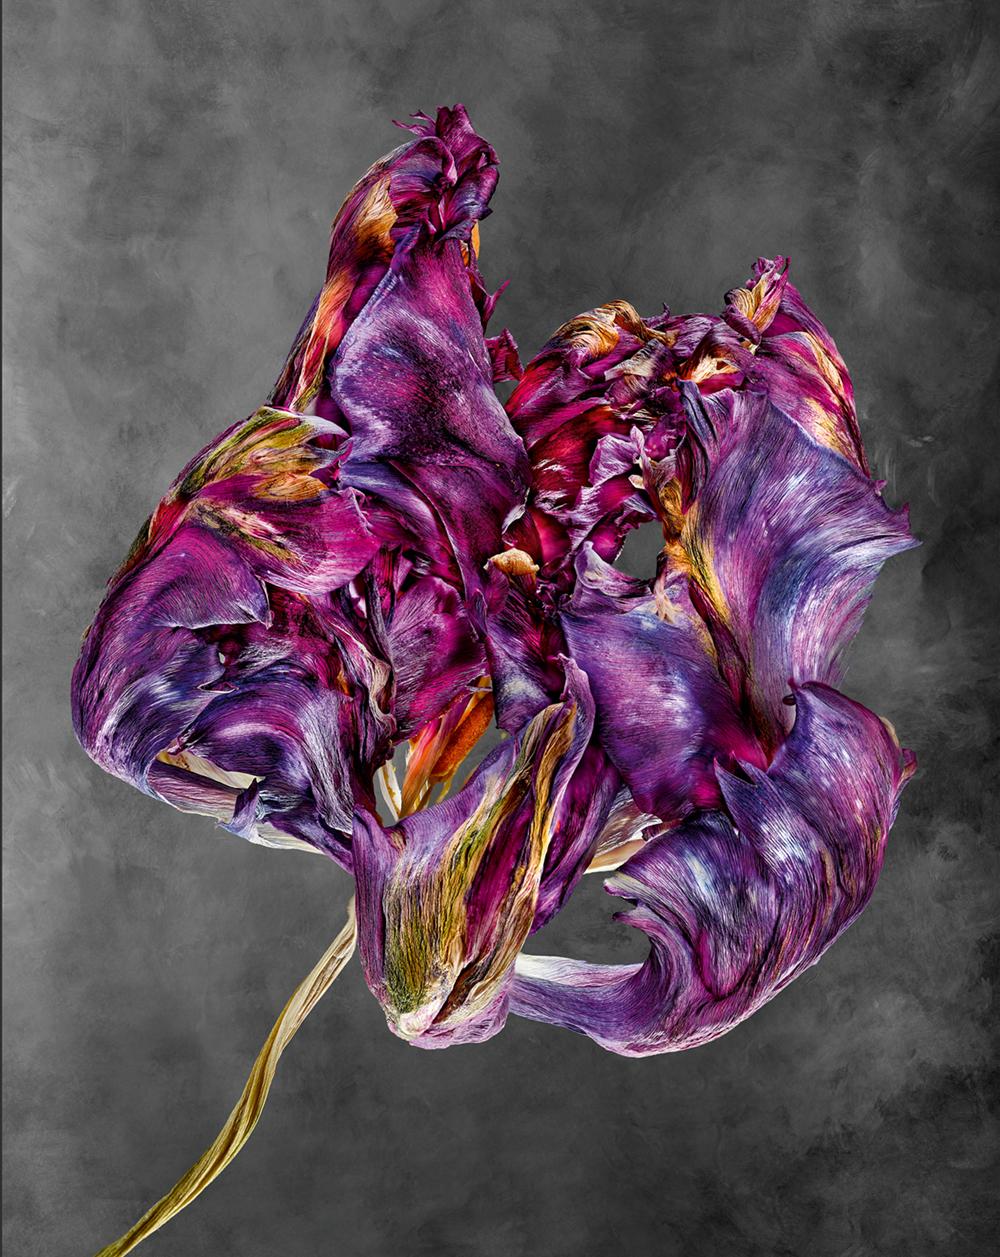 Tulipa  Photo © 2018 Richard Fischer. All rights reserved. www.richardfischer.org